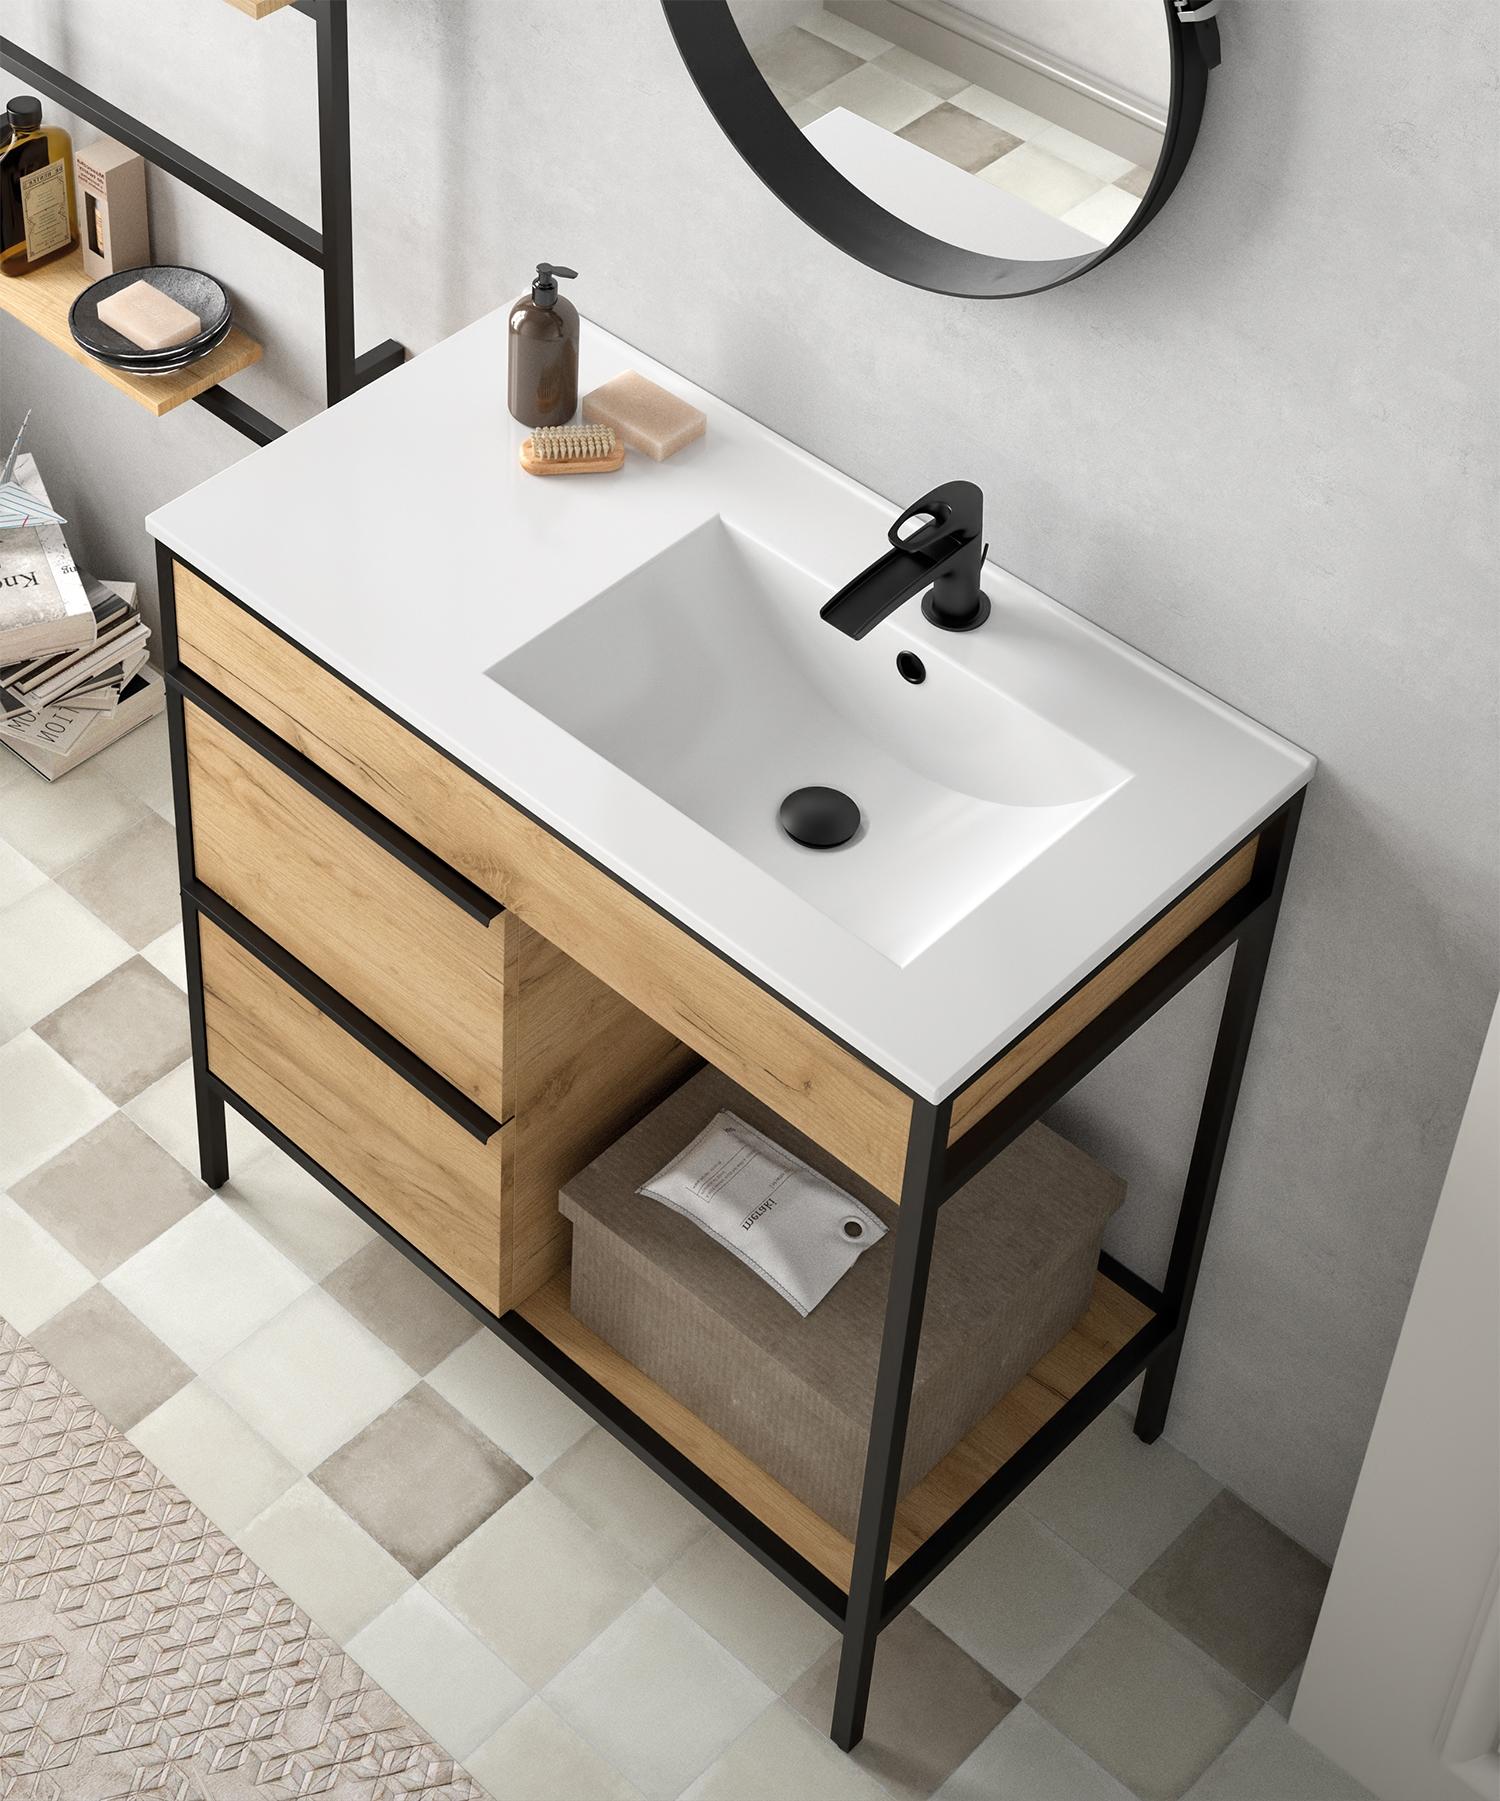 Muebles Davinci 100cm badkamermeubel met geintegreerde wastafel rechts